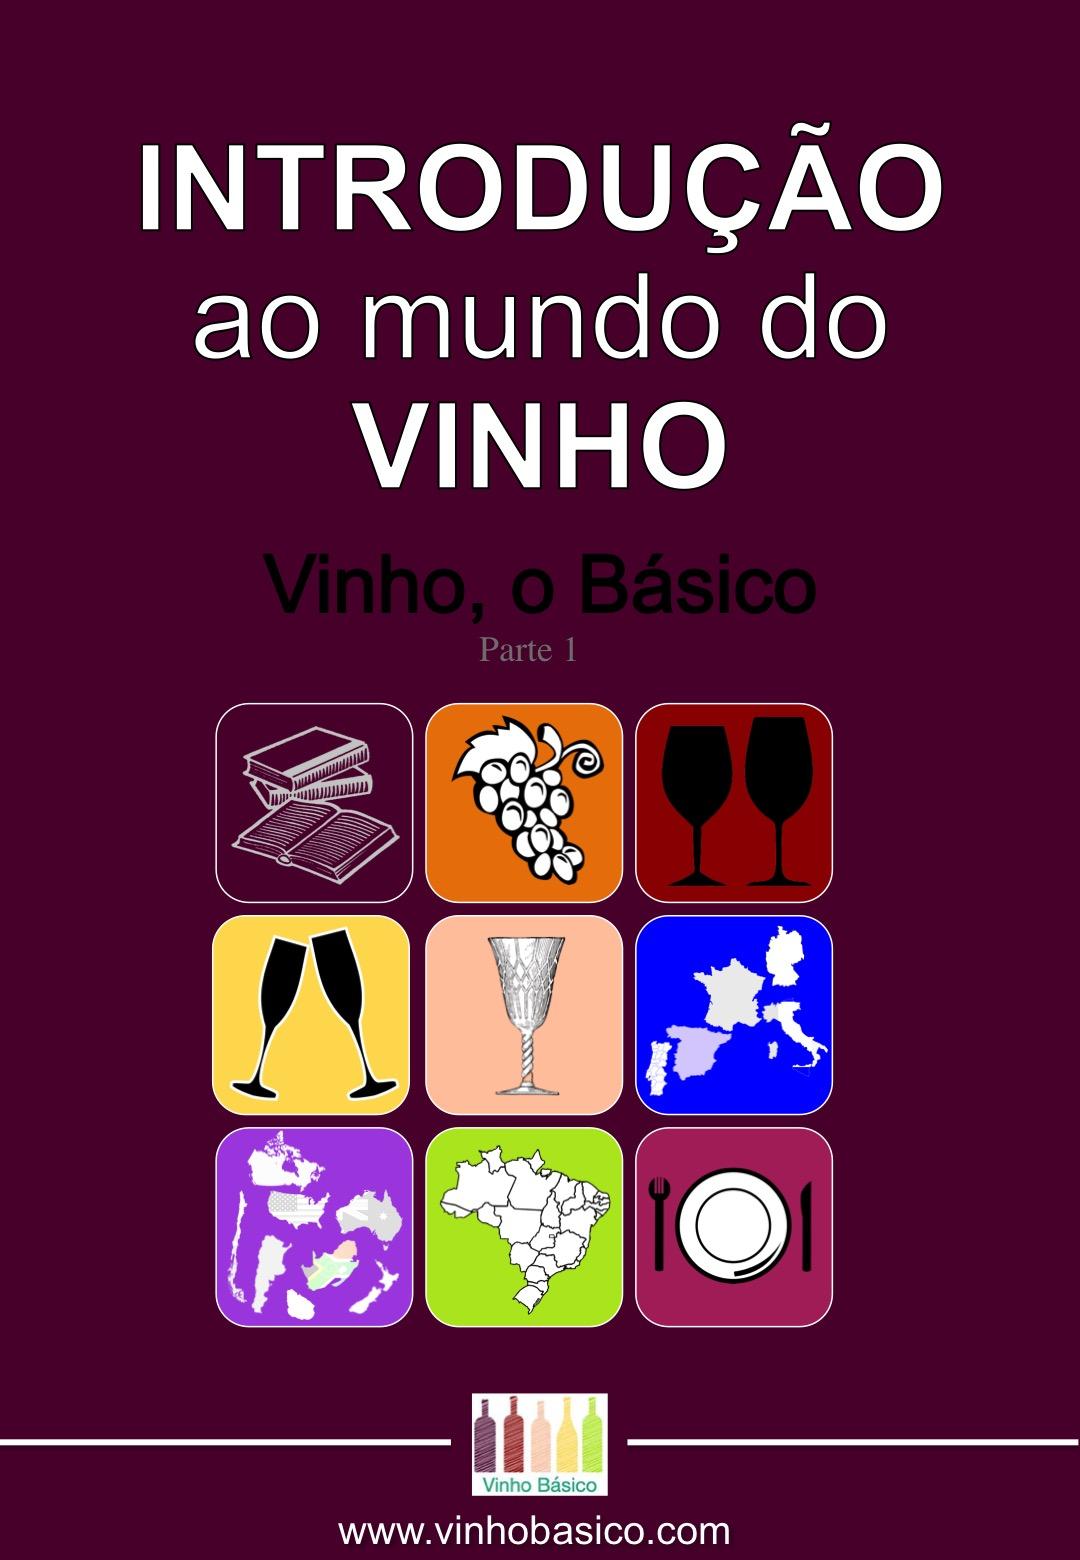 Capa Ebook Vinho o Basico 1 Introducao